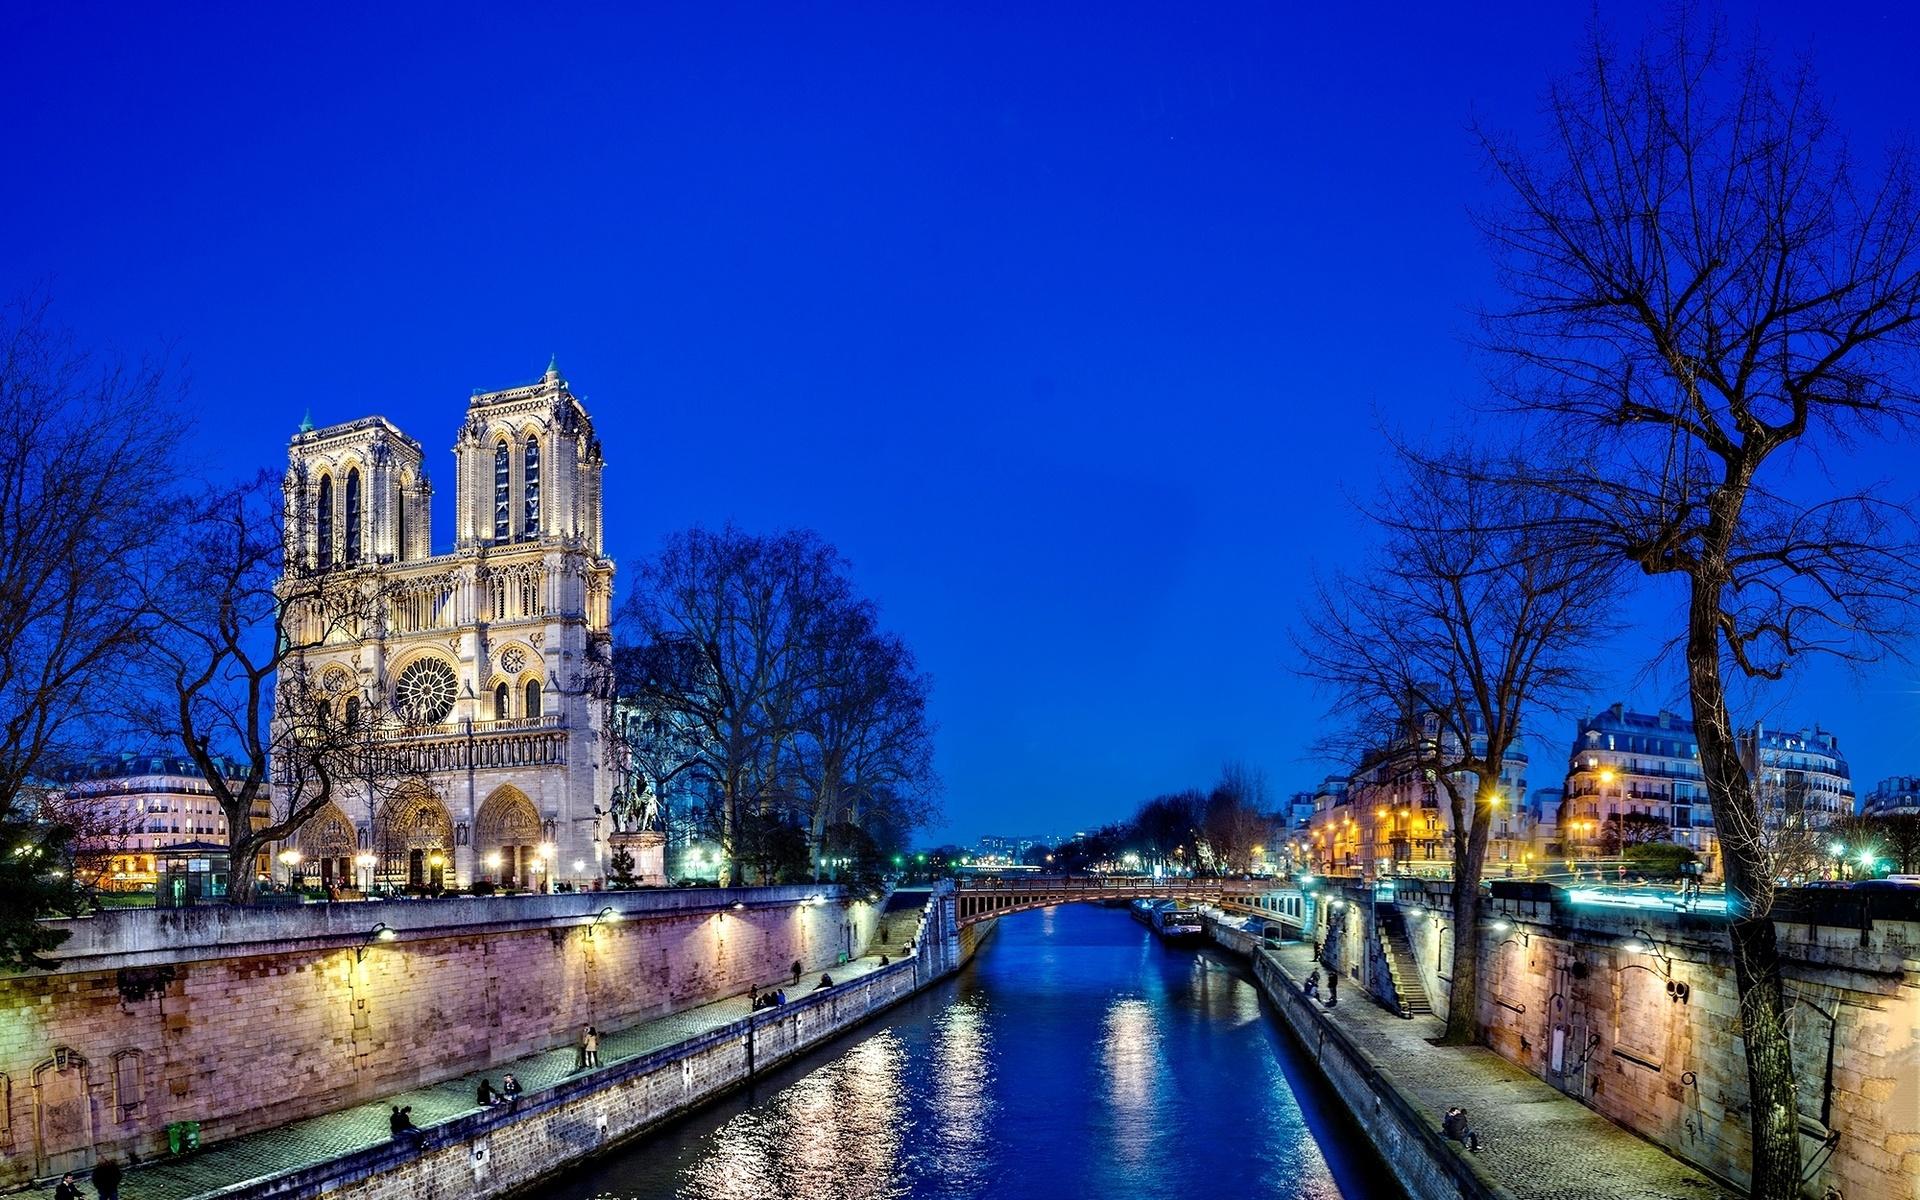 Notre Dame De Paris Computer Wallpapers Desktop Backgrounds 1920x1200